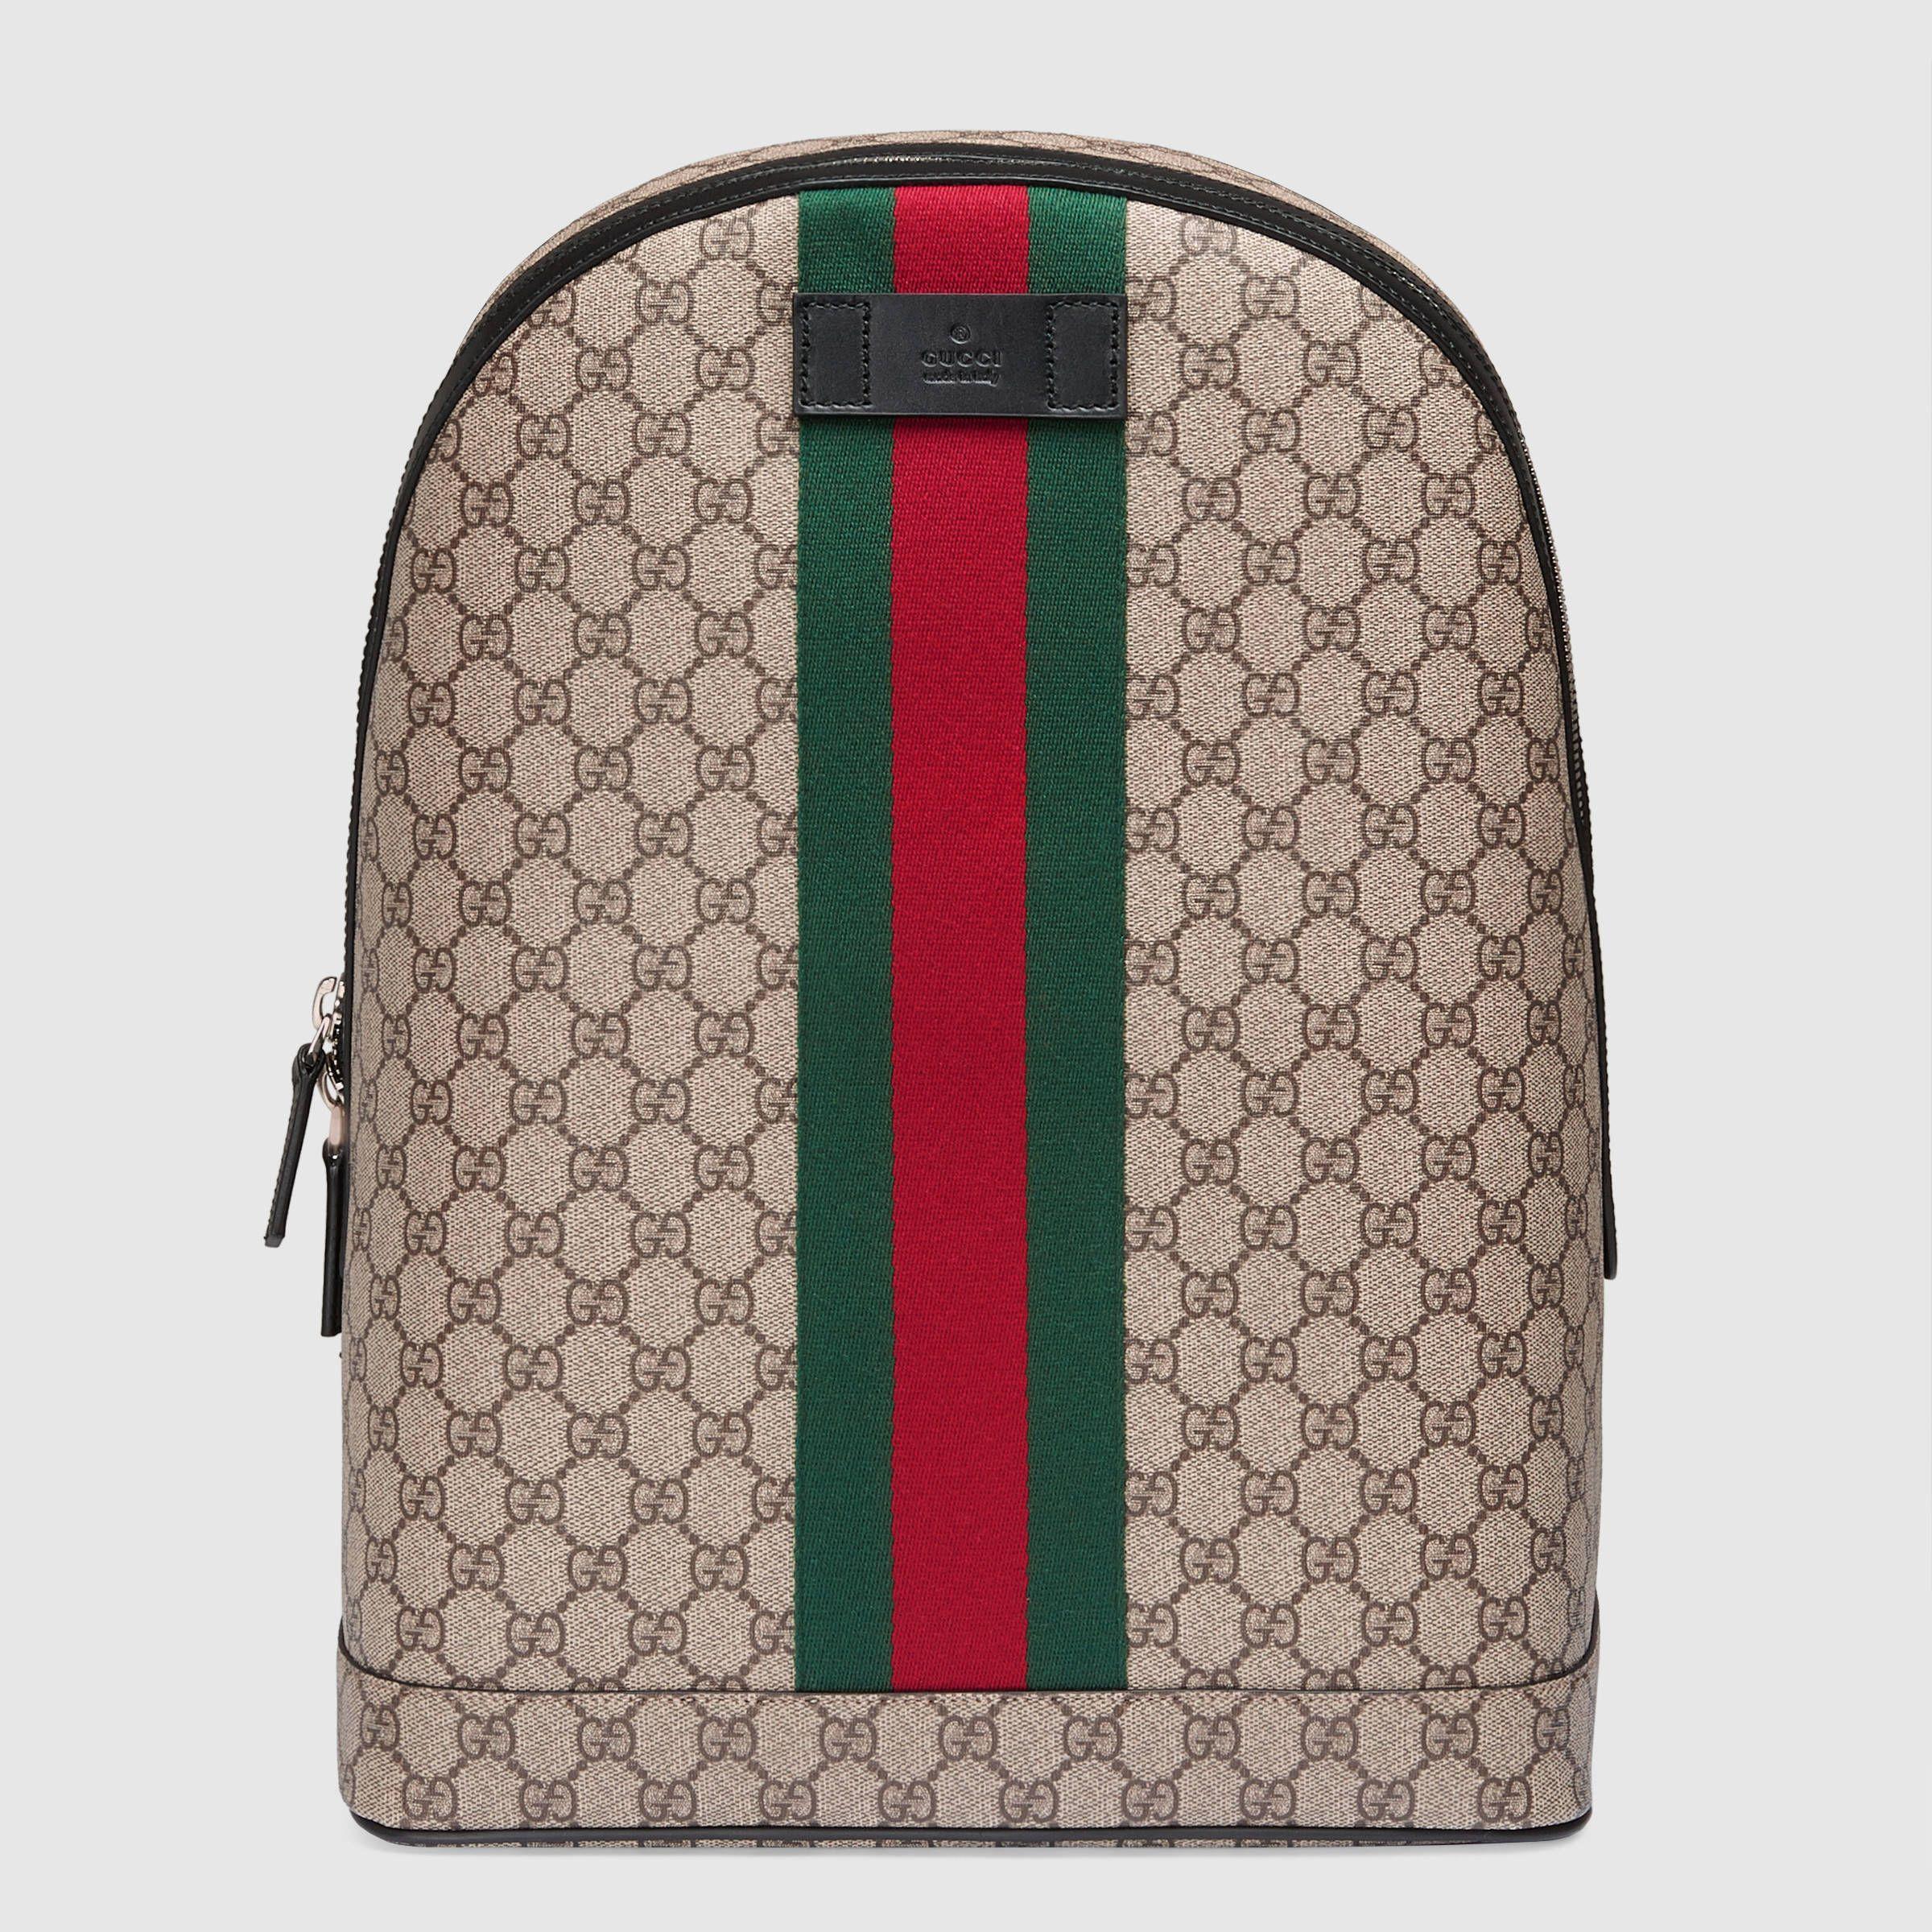 Gucci Men - GG Supreme backpack with Web - 442722K2LVN9692 ... 35dd525ffff26